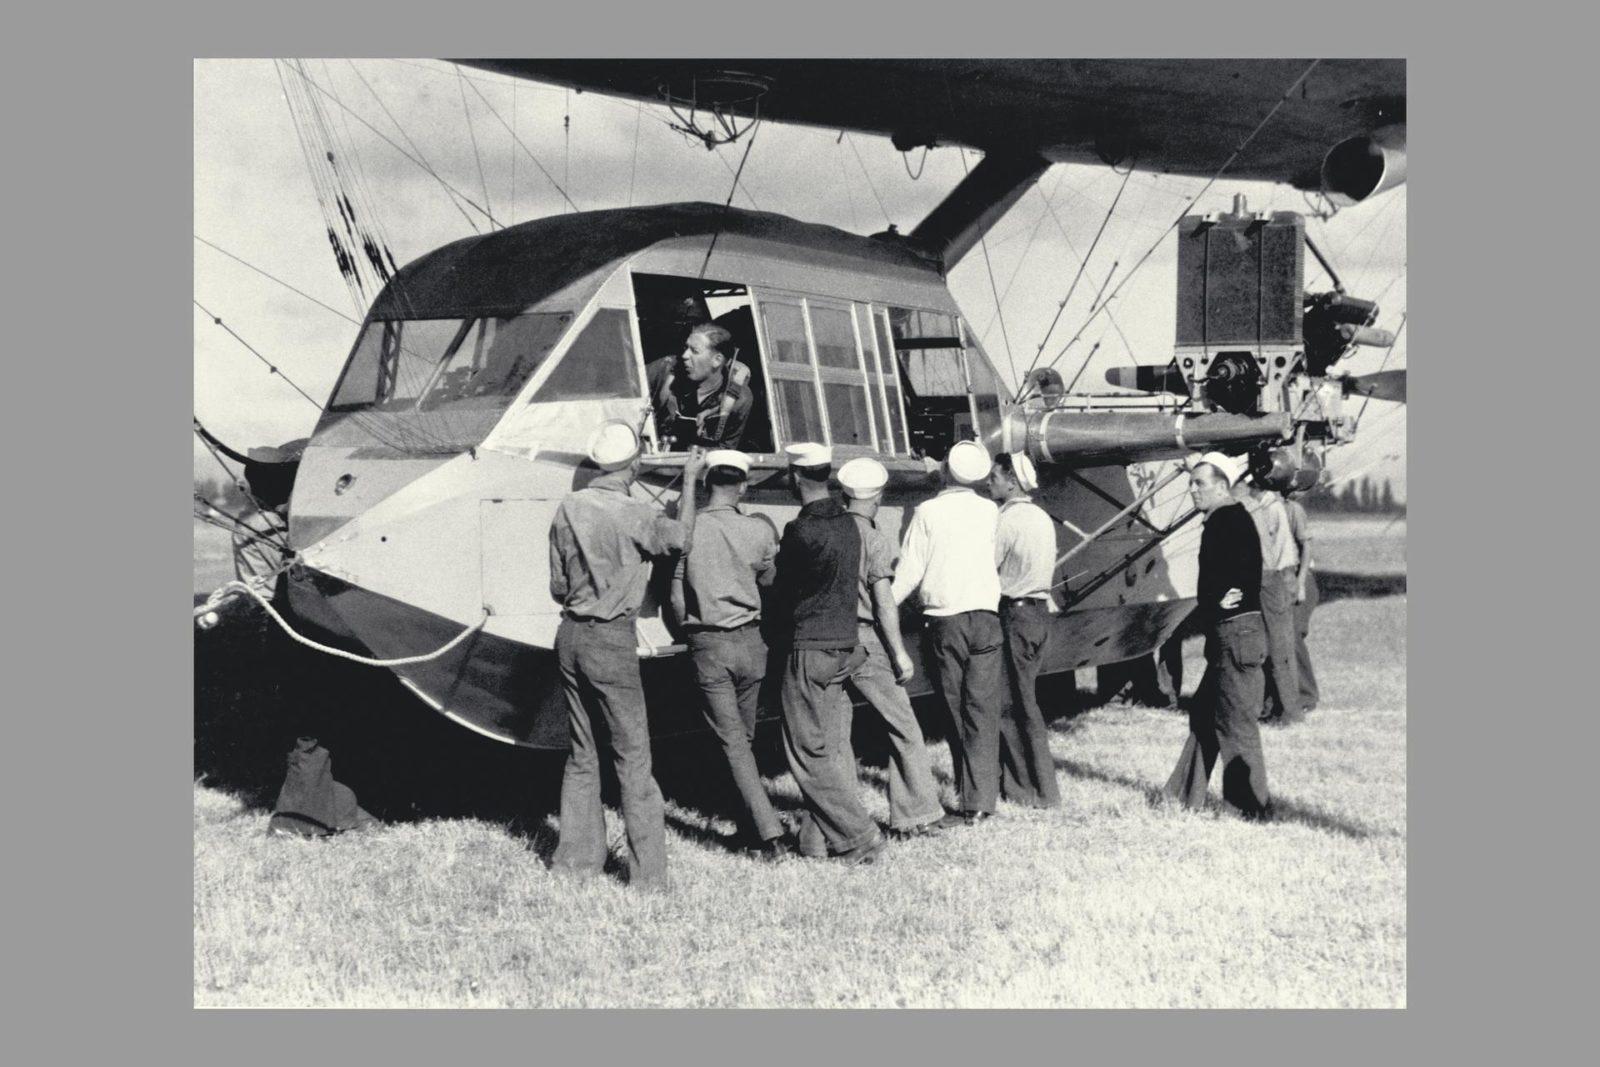 Blimp J-4 Gondola (non-rigid air ship) ARC-1969-A91-0261-31